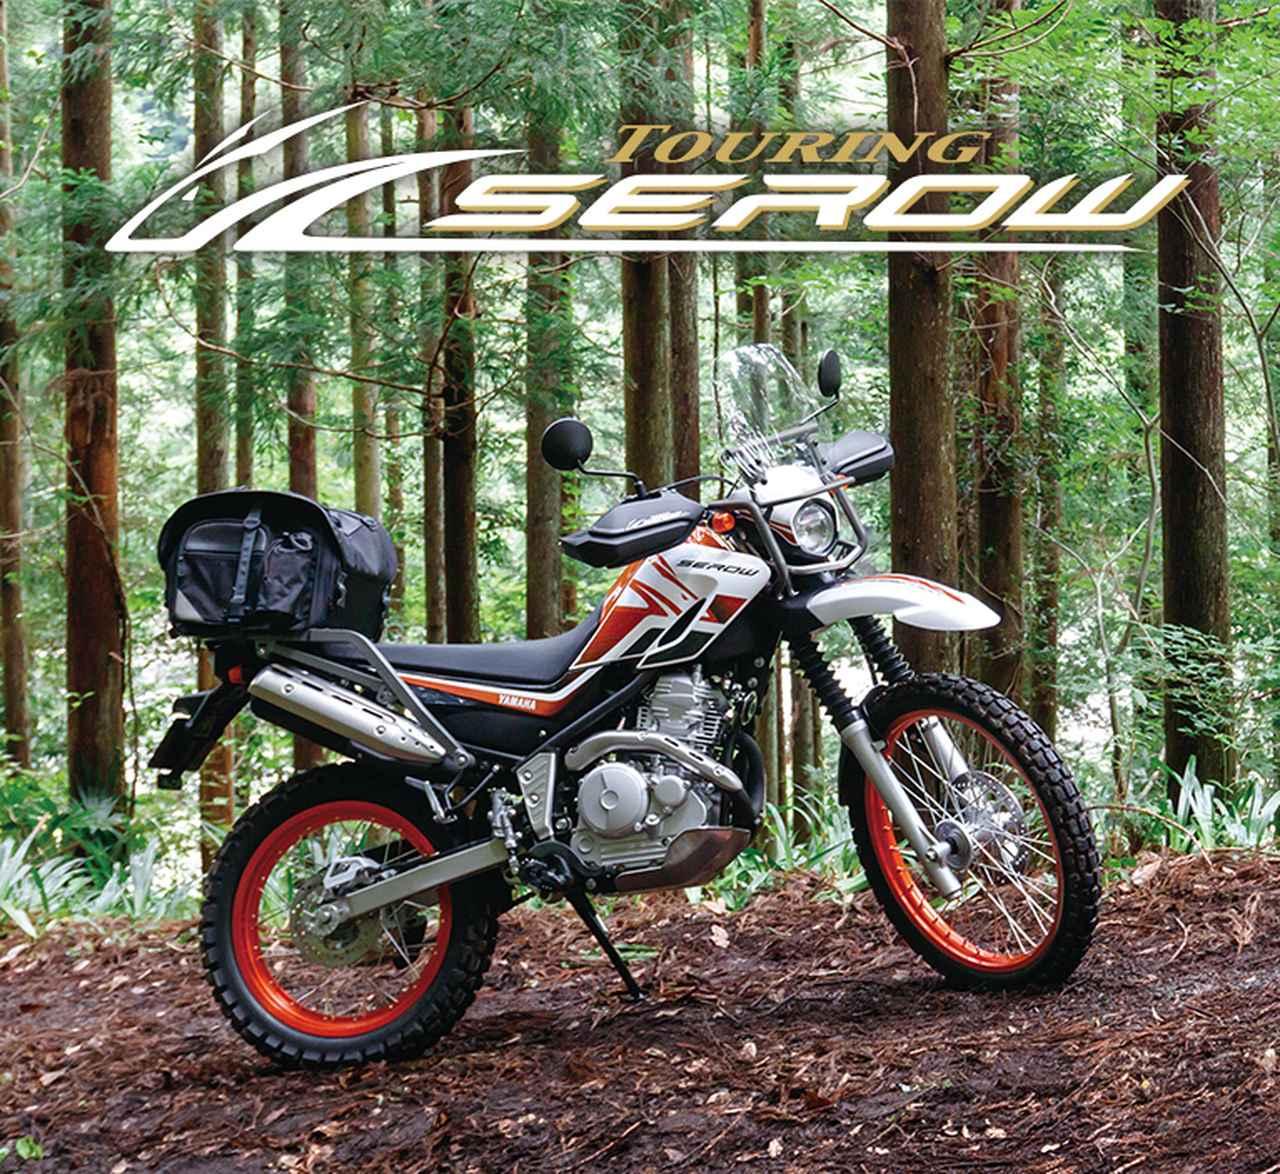 画像: TOURING SEROW - バイク・スクーター ヤマハ発動機株式会社